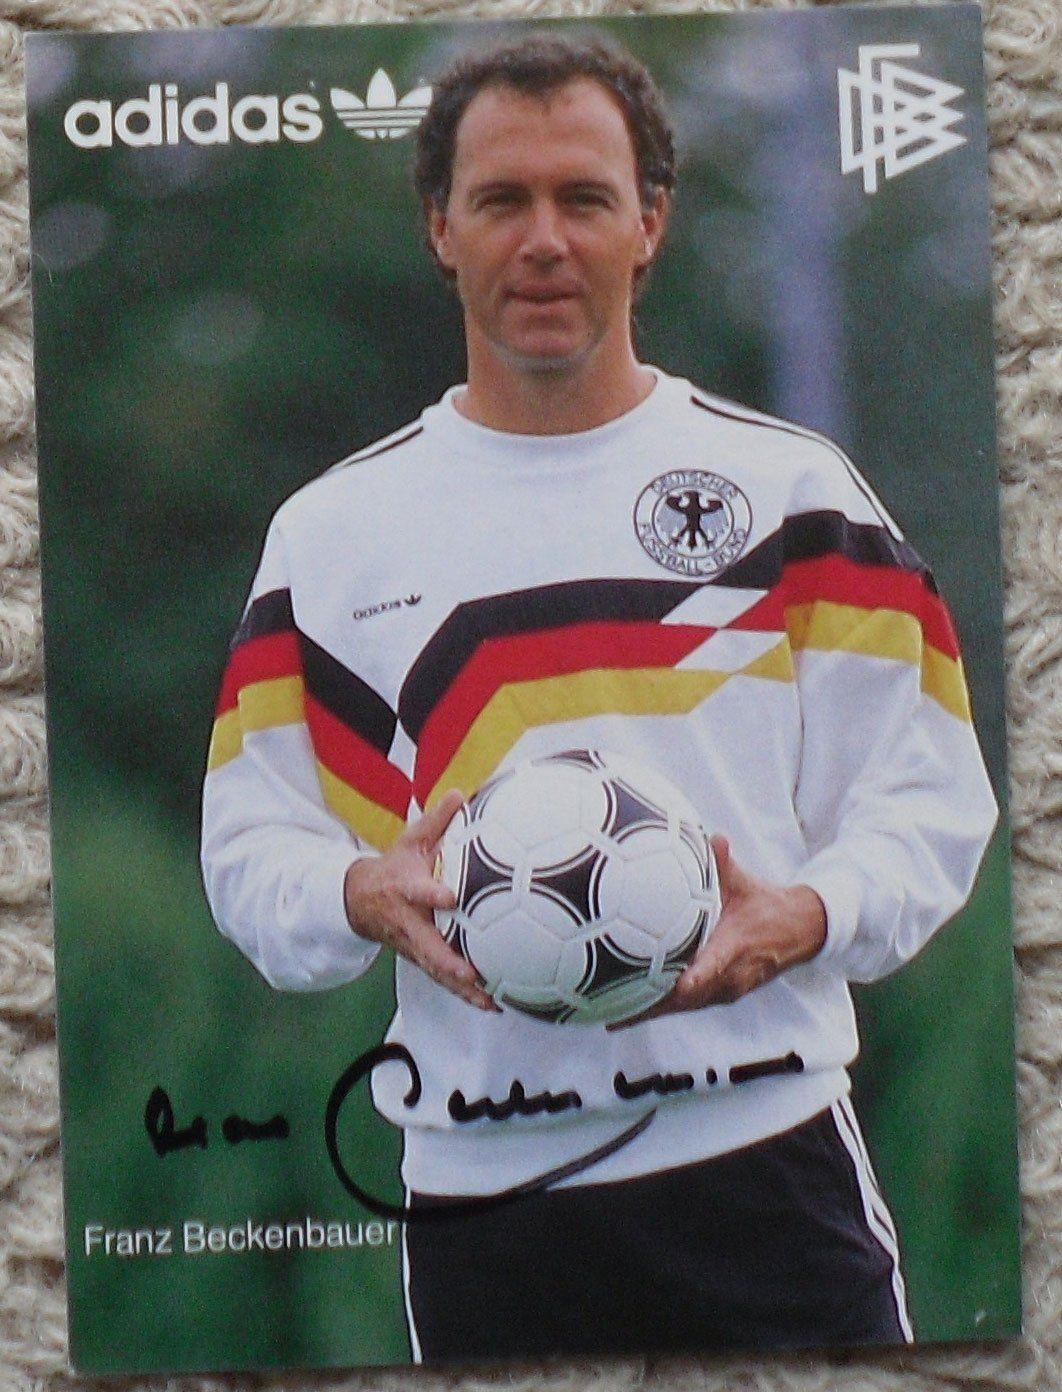 @Store_Club_Fan : Franz Beckenbauer autograph - Bayern Munich footballer  https://t.co/JzGNHzGsV4 https://t.co/sJuykSPRvI